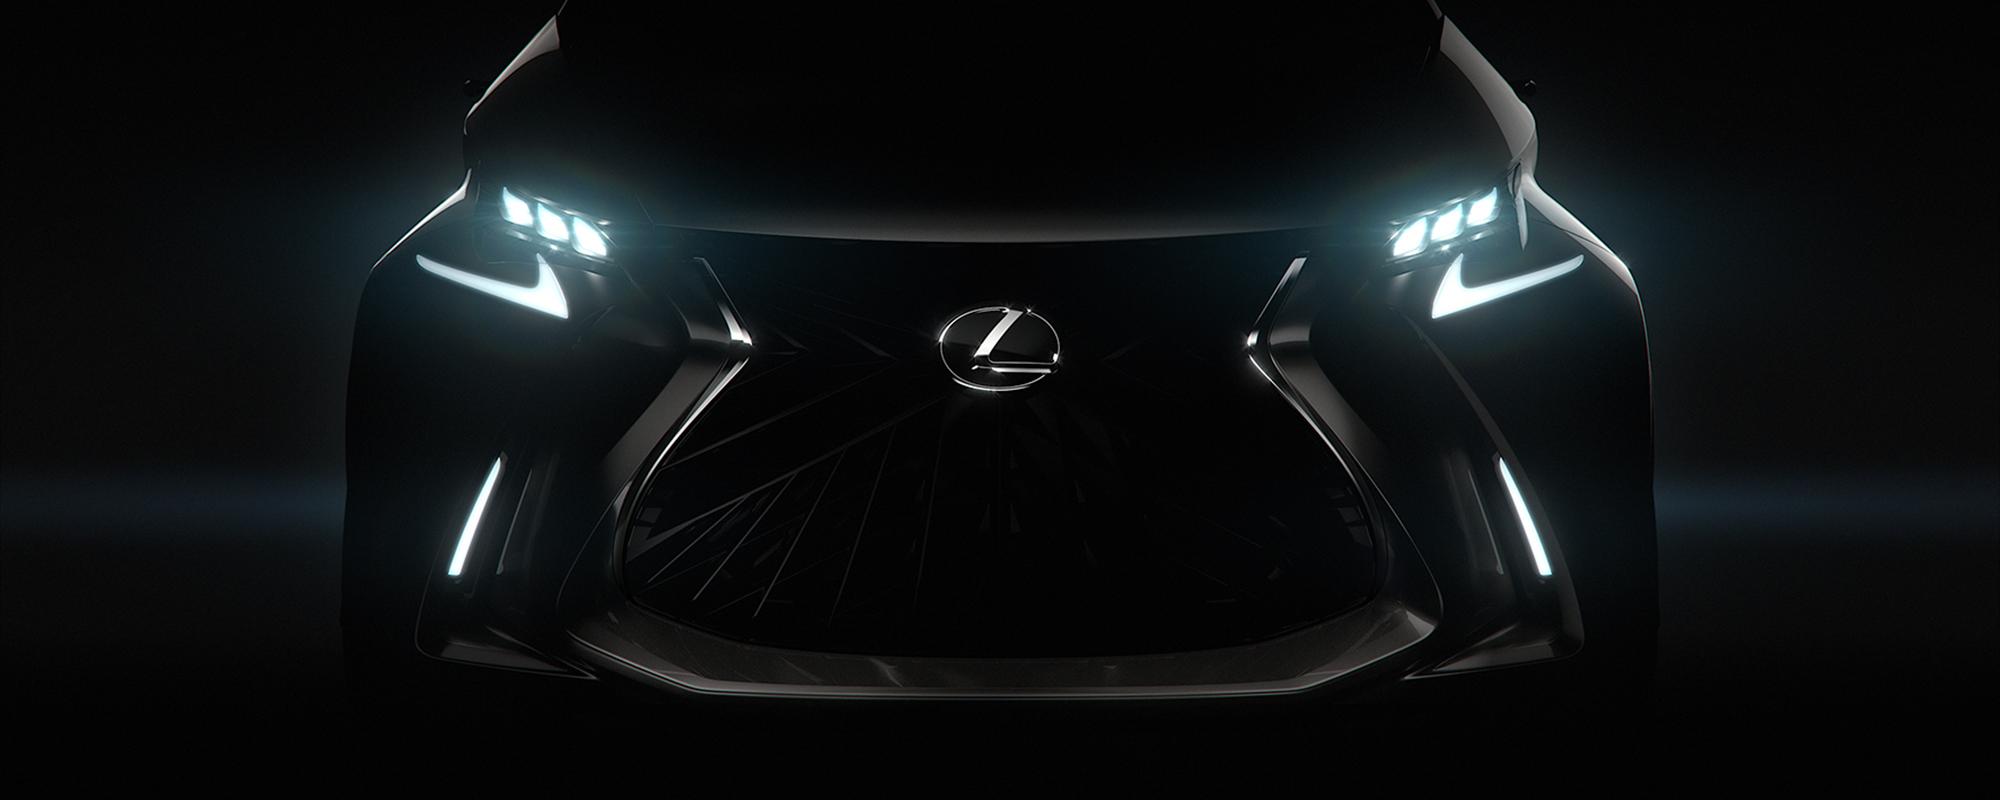 Wereldpremière bij Lexus op Genève: de LF-SA Concept